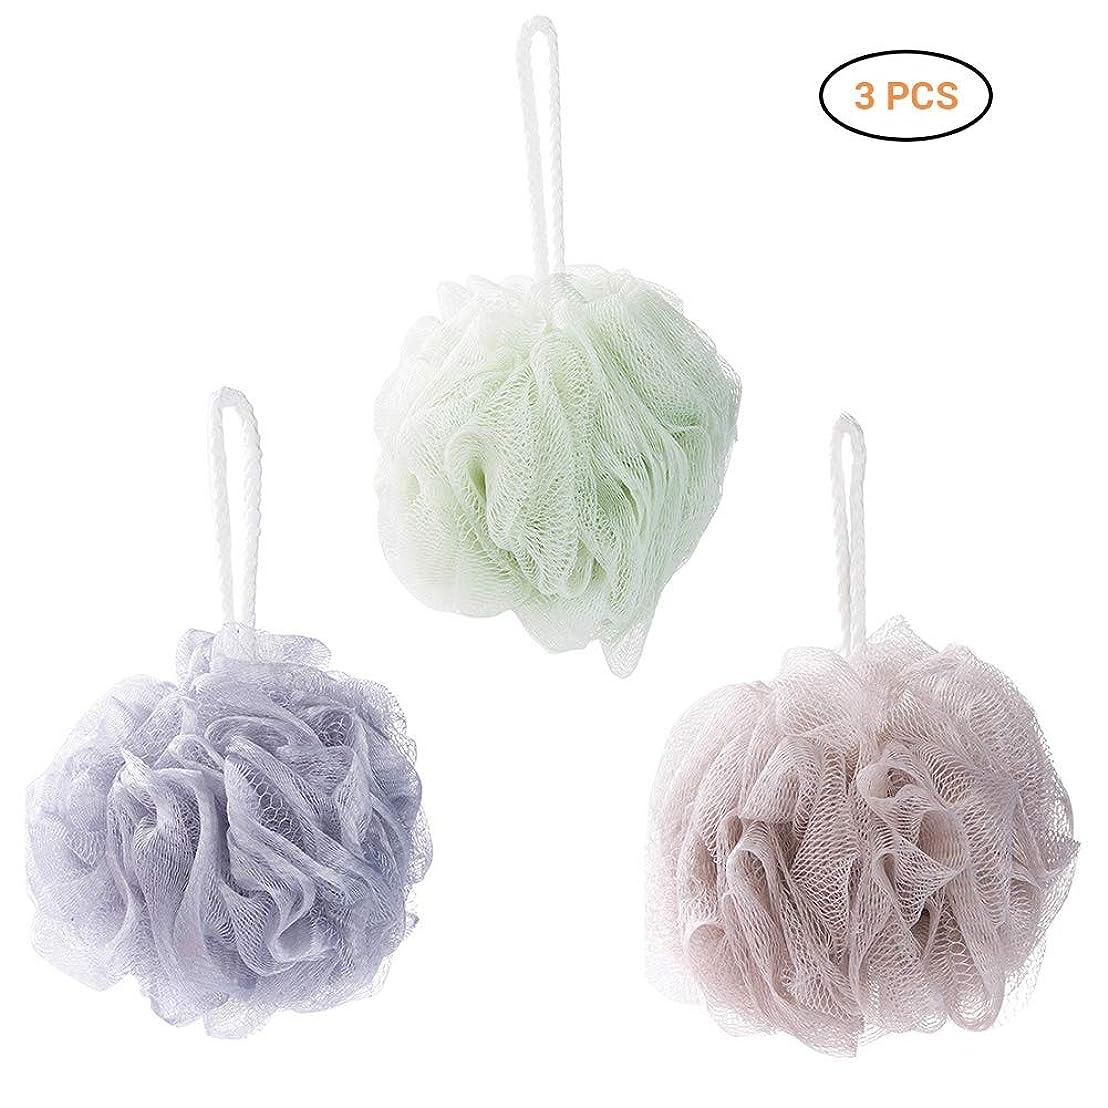 署名バッグ対Ourine 泡立てネット 超柔軟 シャワー用 ボディ用お風呂ボール フラワーボール ボディ洗い ボディースポンジ ボディースポンジ 花形 タオル 3点セット 3色 (カラー1)